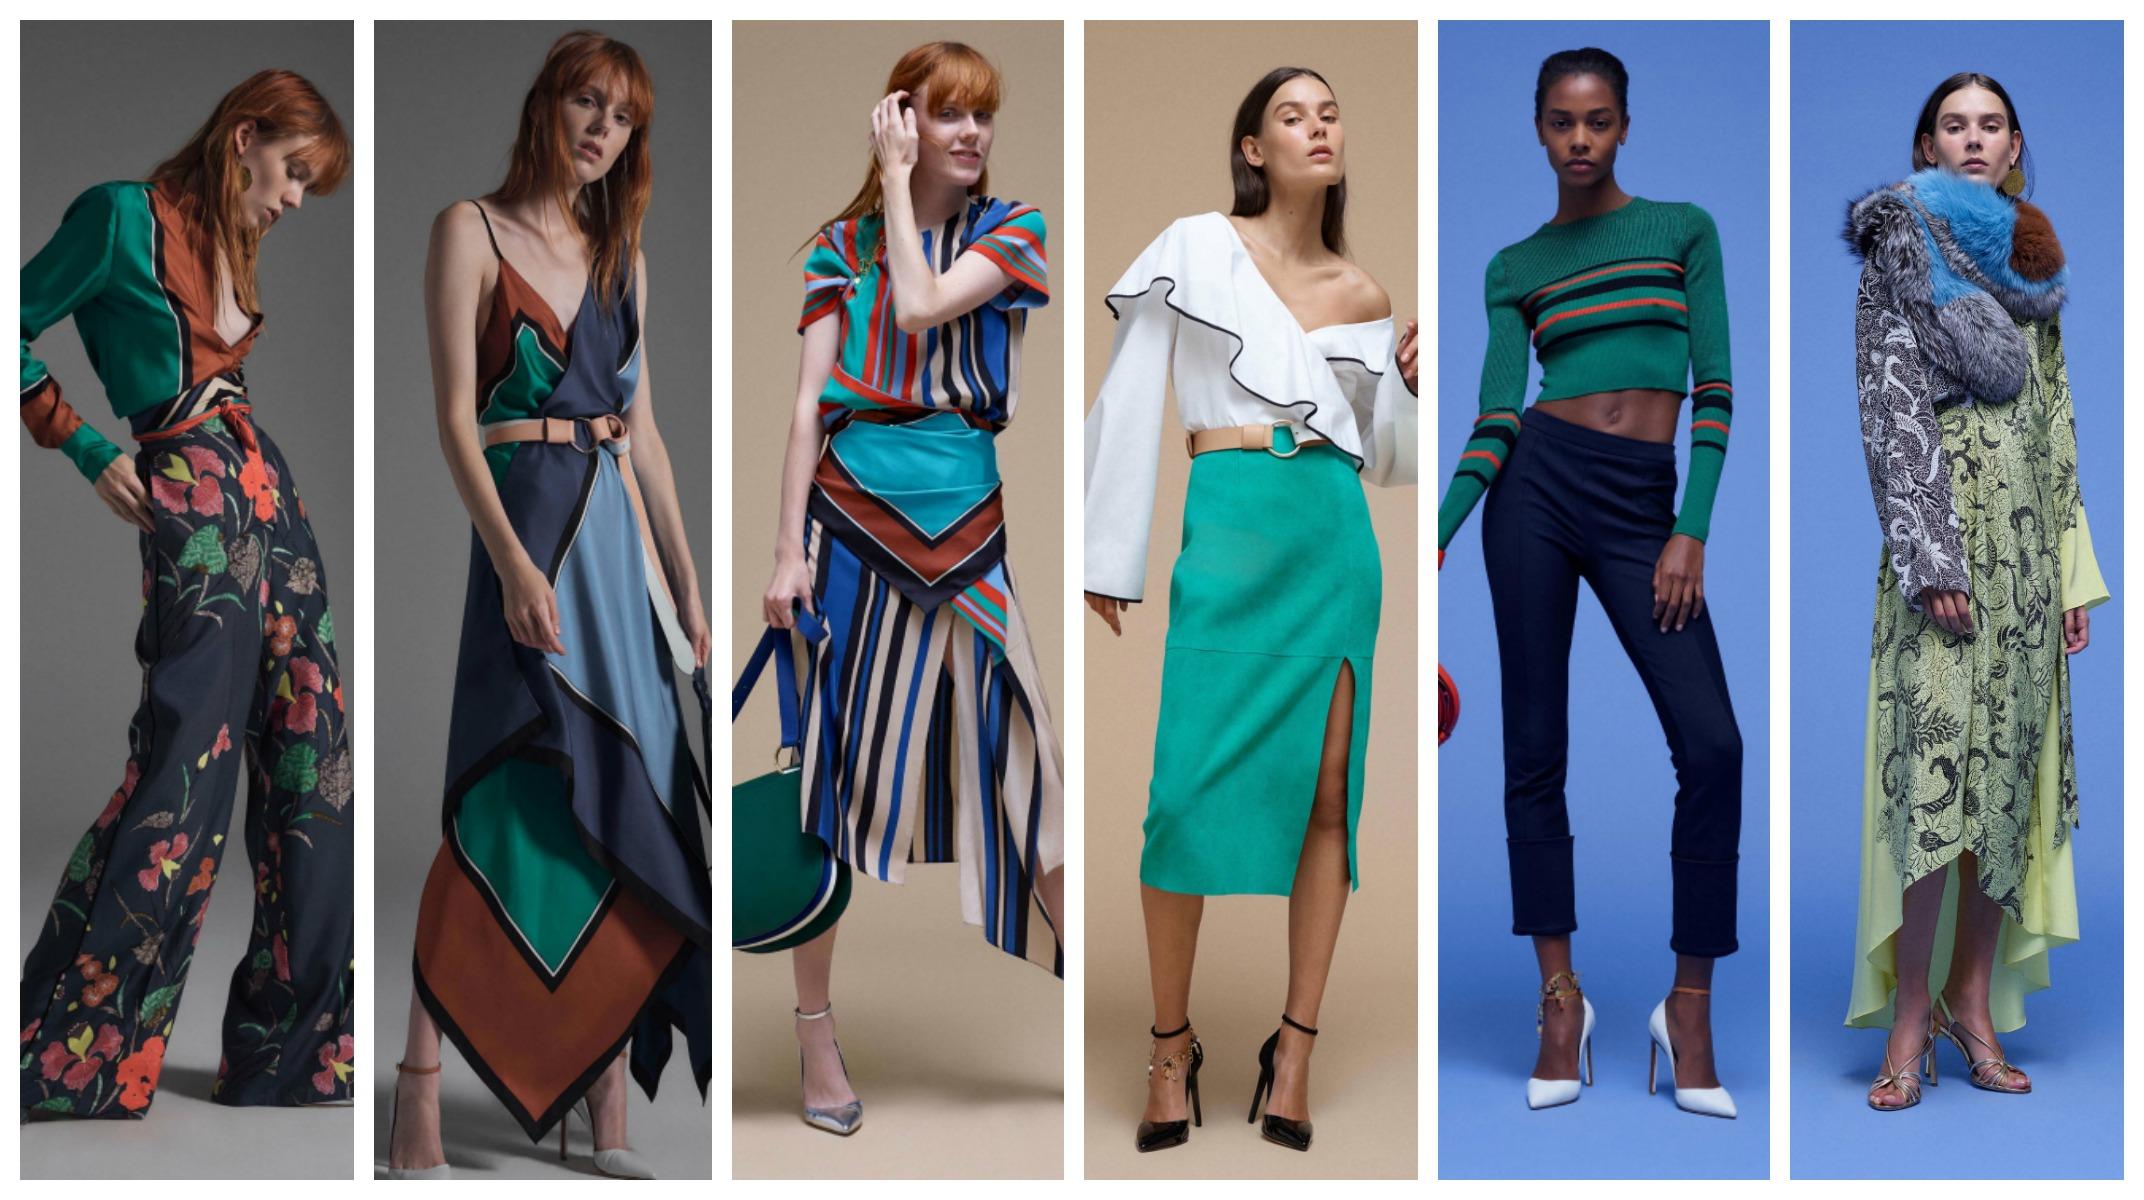 2019 İlkbahar-Yaz Renk Trendleri Belli Oldu